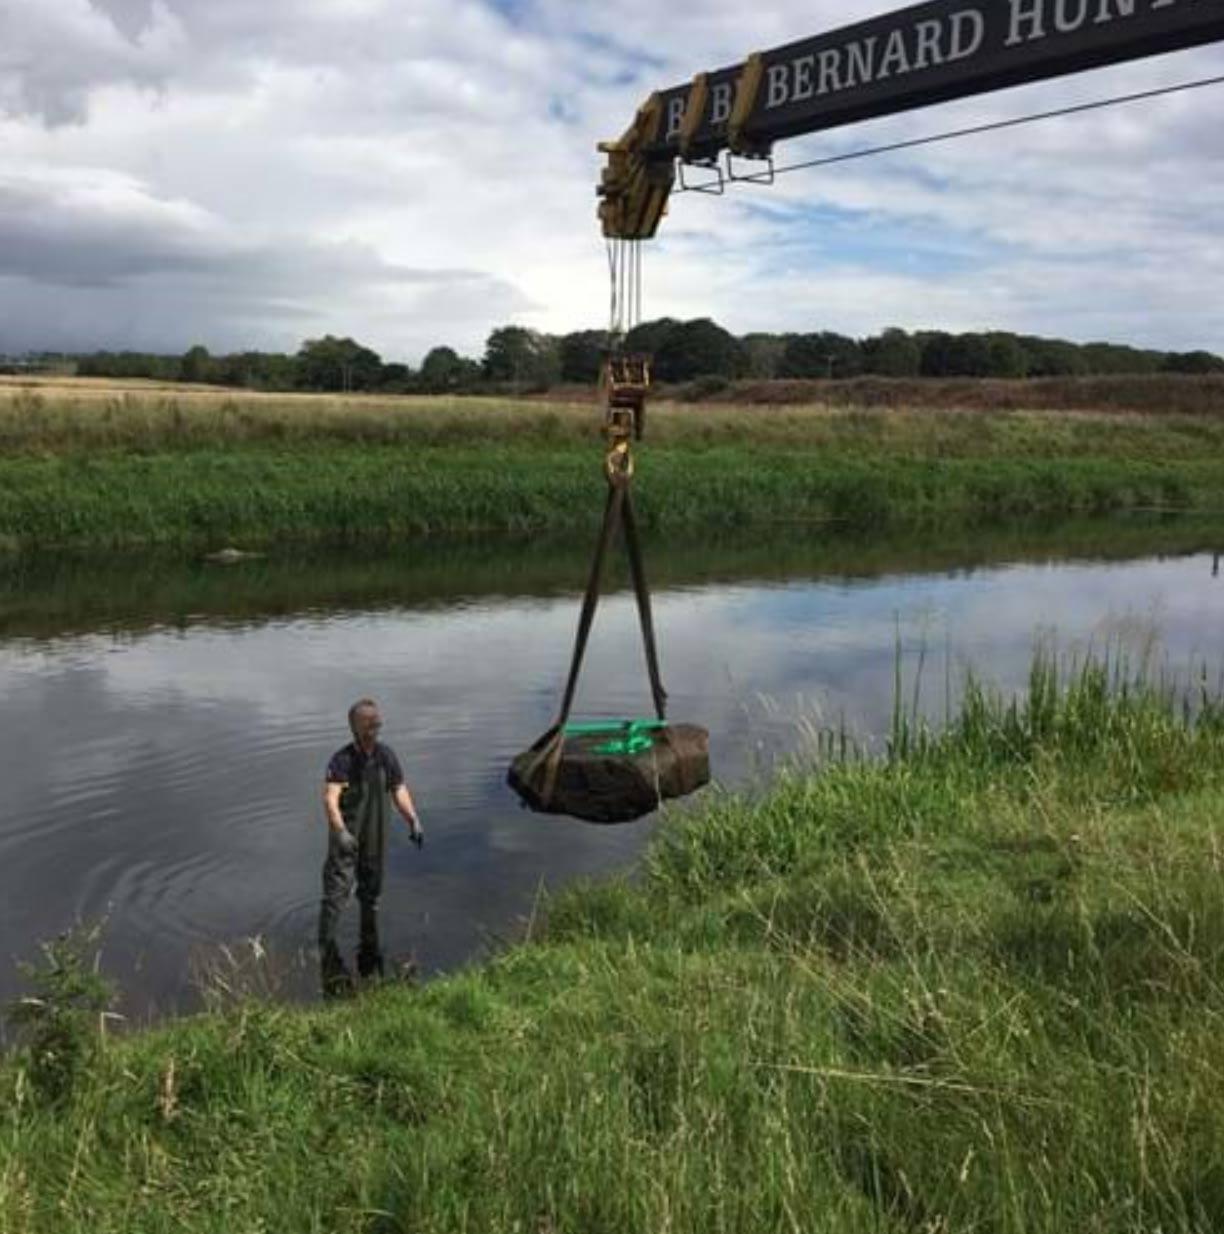 La piedra fue retirada del río antes de que se cerrara 'la breve ventana de oportunidad' que suponía la bajada de nivel de las aguas que se ha producido este verano. (Imagen: HES)